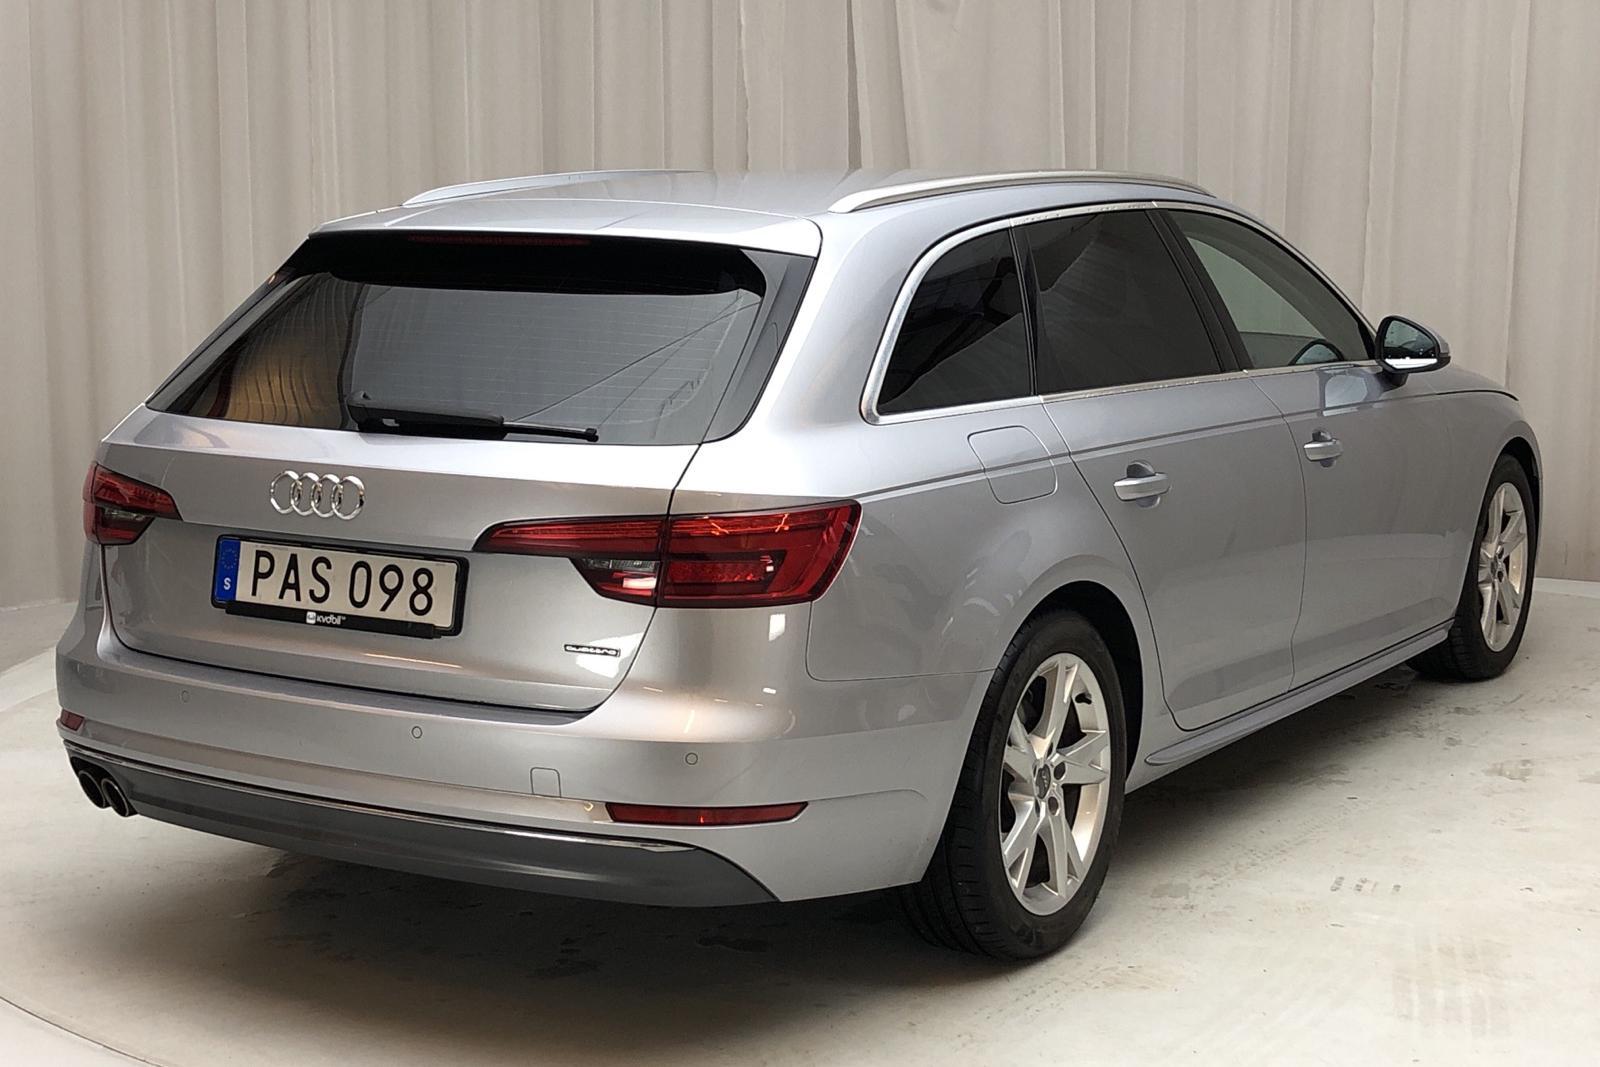 Audi A4 2.0 TDI Avant quattro (190hk) - 7 458 mil - Automat - silver - 2017